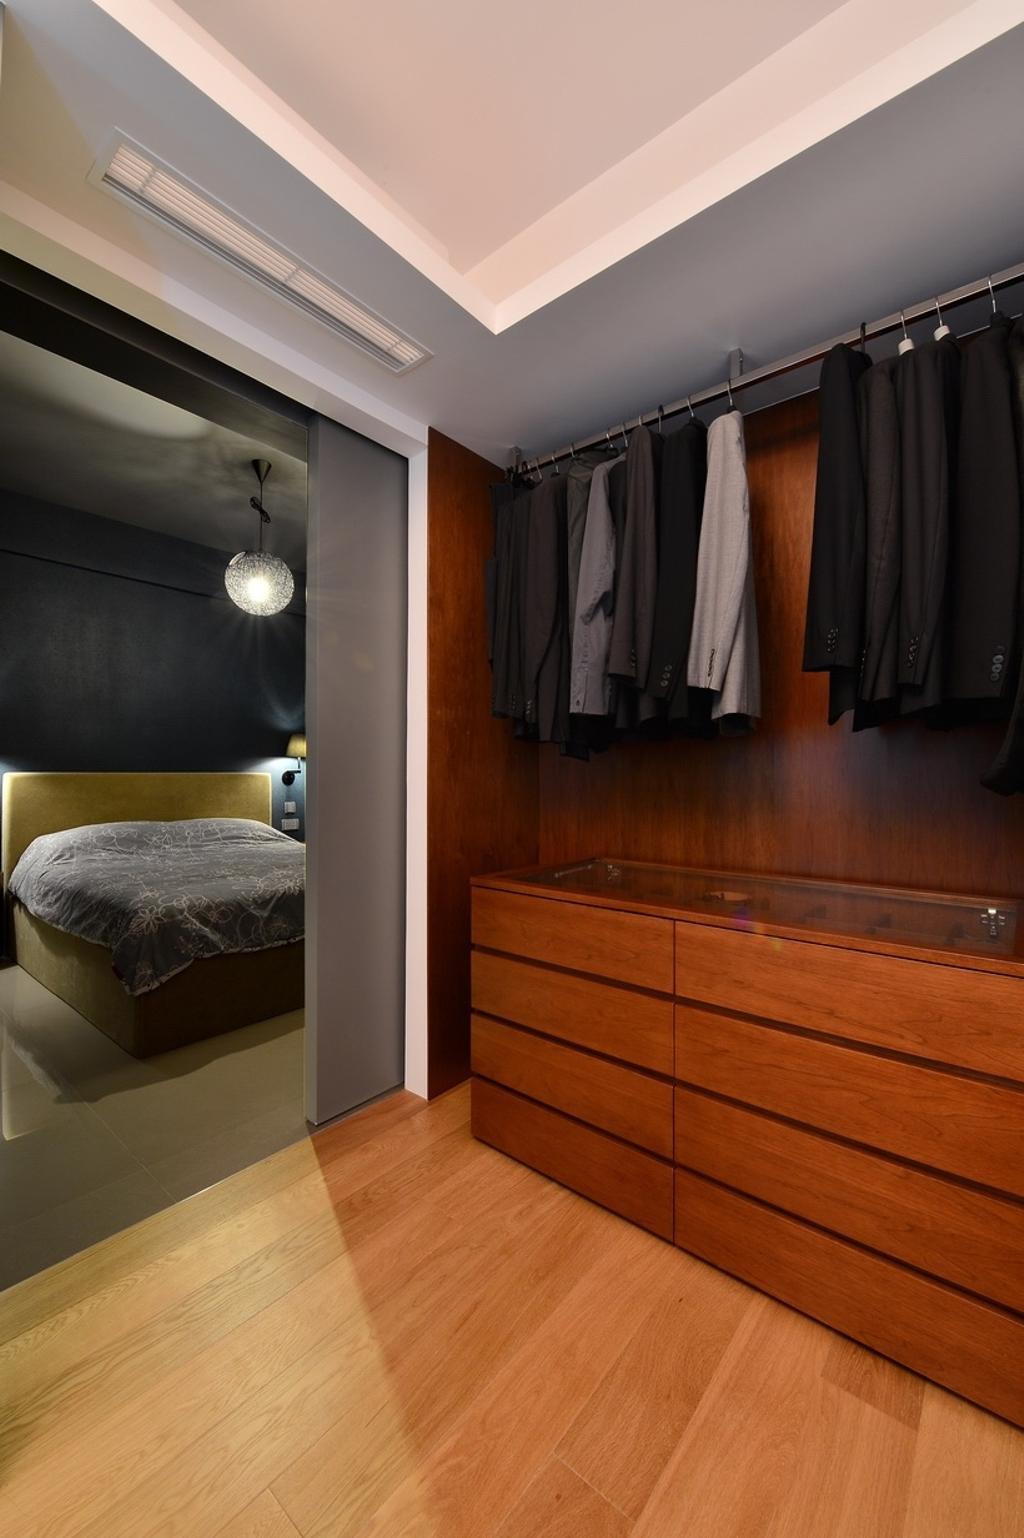 摩登, 私家樓, 睡房, 尚御, 室內設計師, KOO interior design, Closet, Furniture, Wardrobe